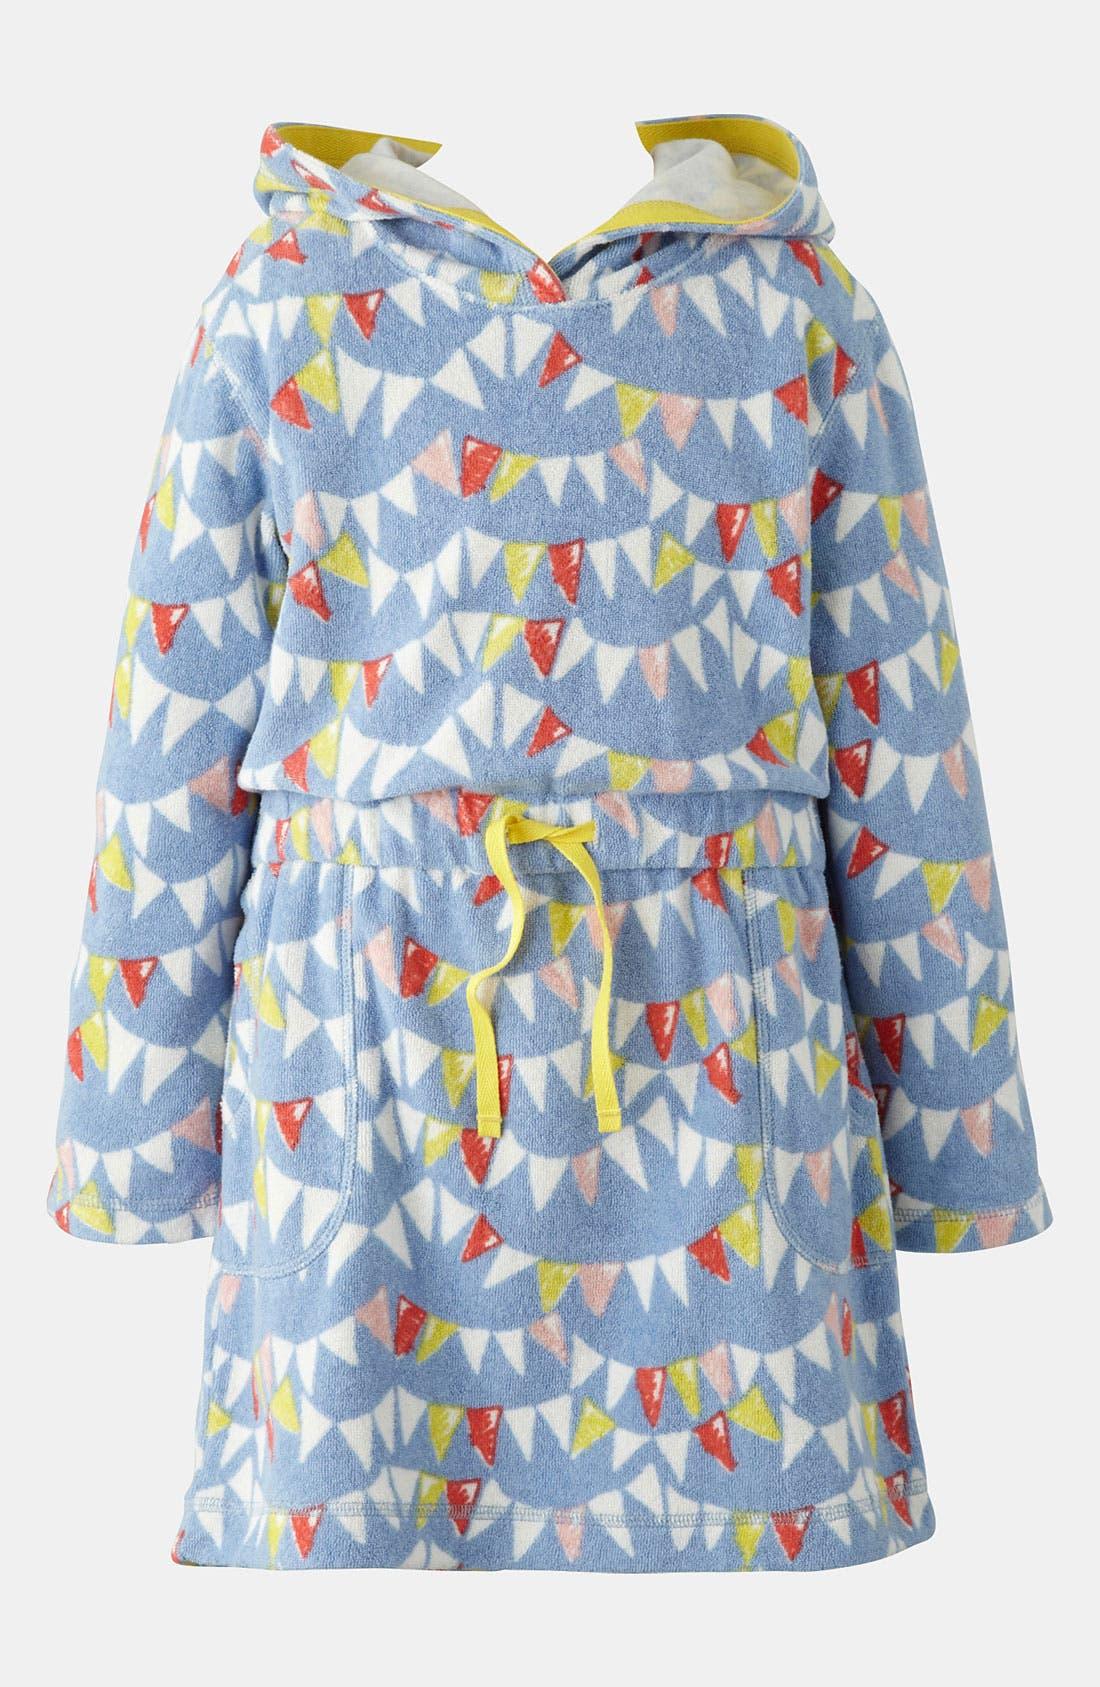 Alternate Image 1 Selected - Mini Boden Beach Dress (Toddler)